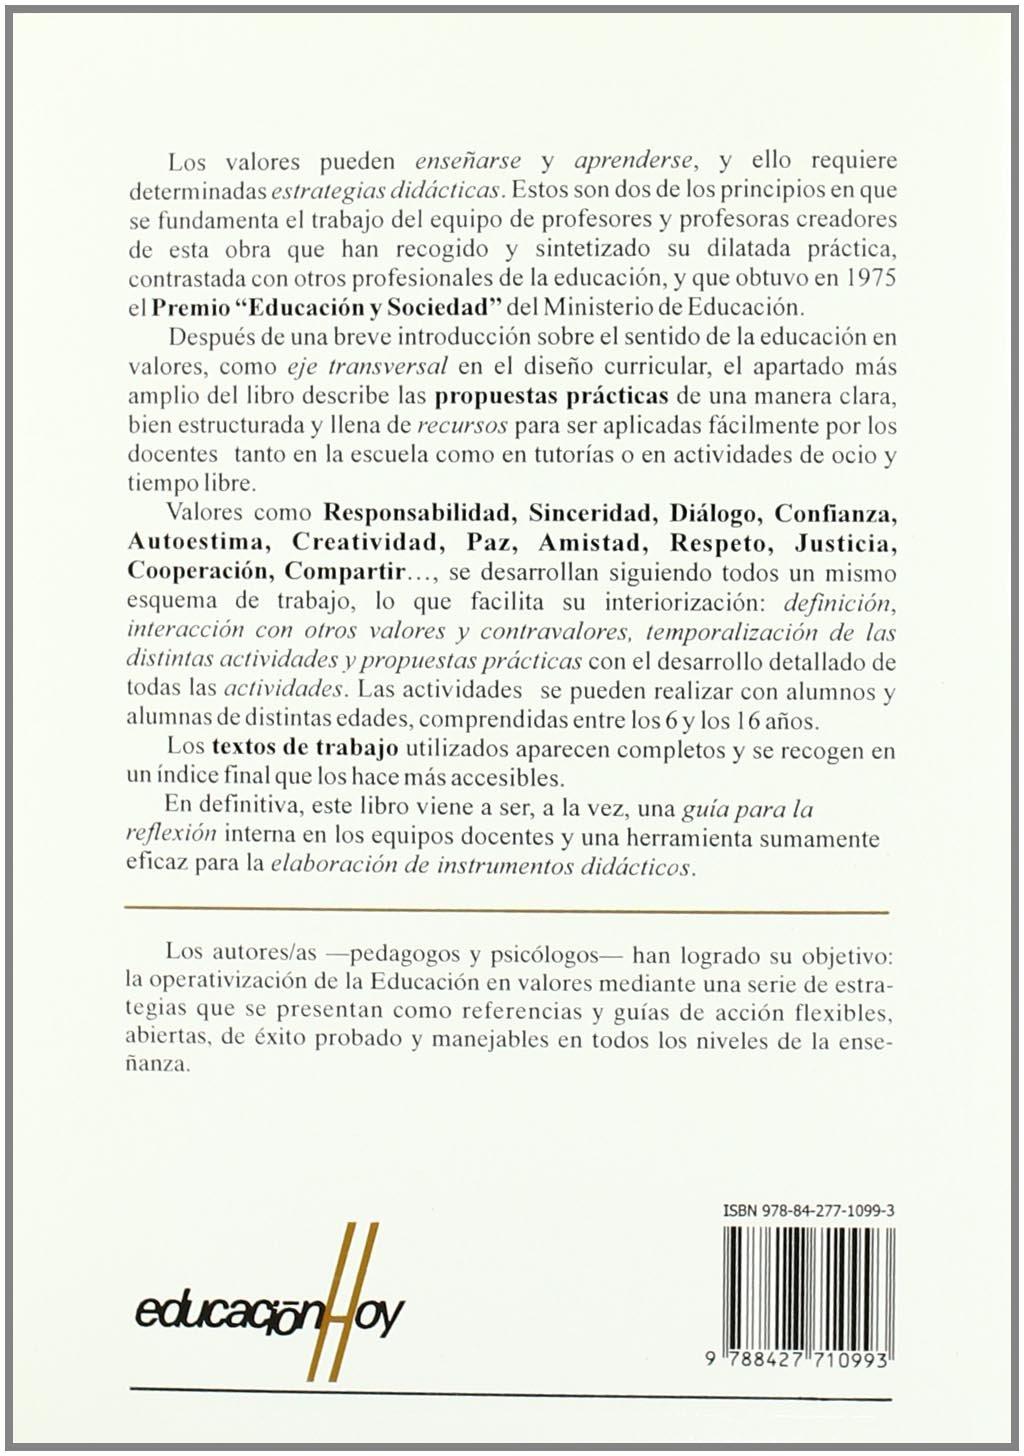 Cómo educar en valores: Materiales, textos, recursos, técnicas Educación Hoy: Amazon.es: Llorénç Carreras i Sureda: Libros